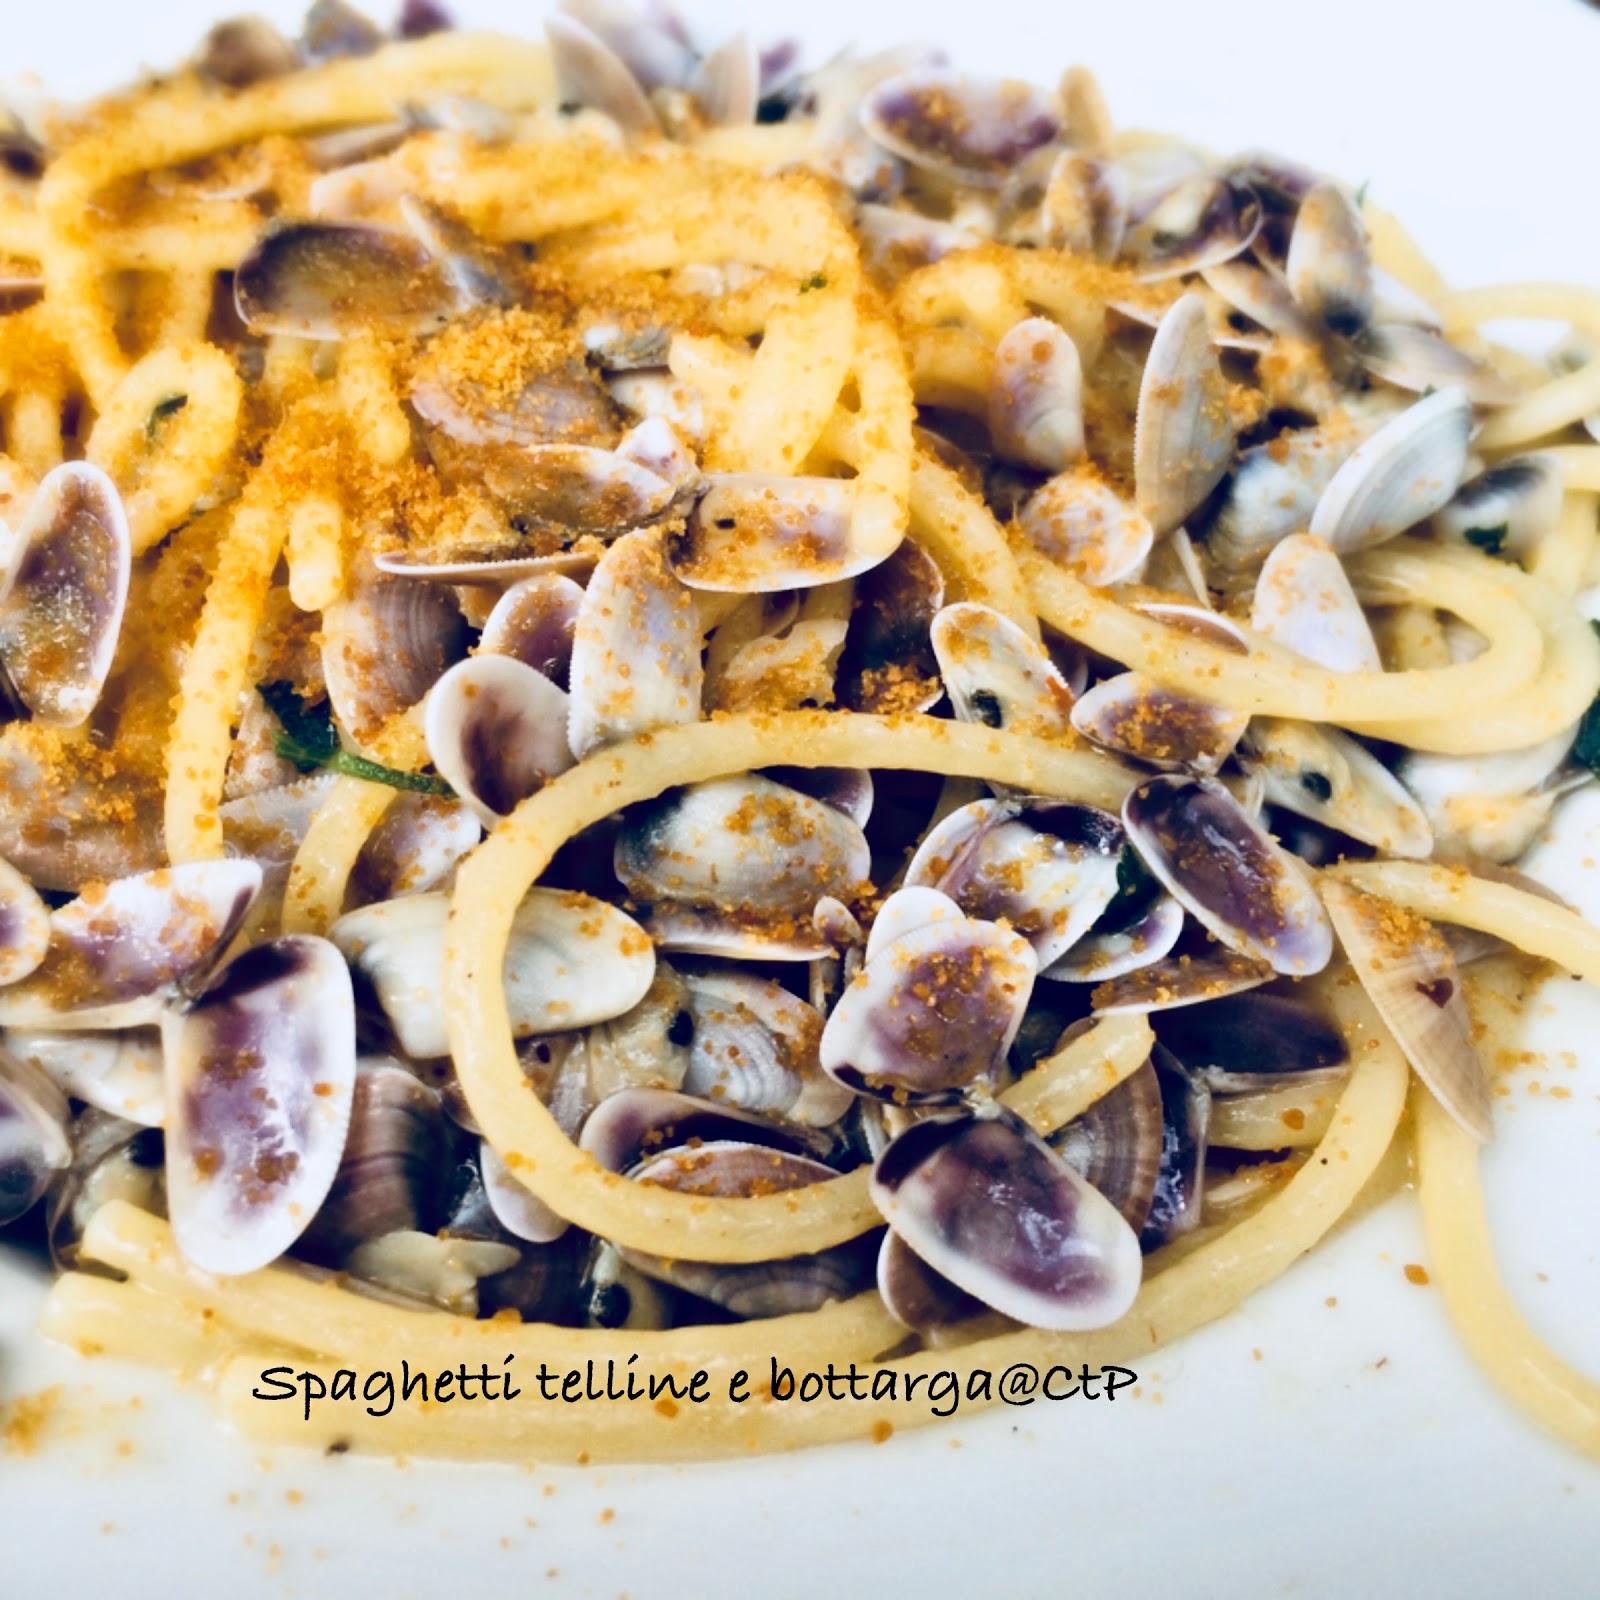 Spaghetti telline e bottarga alessandra ruggeri